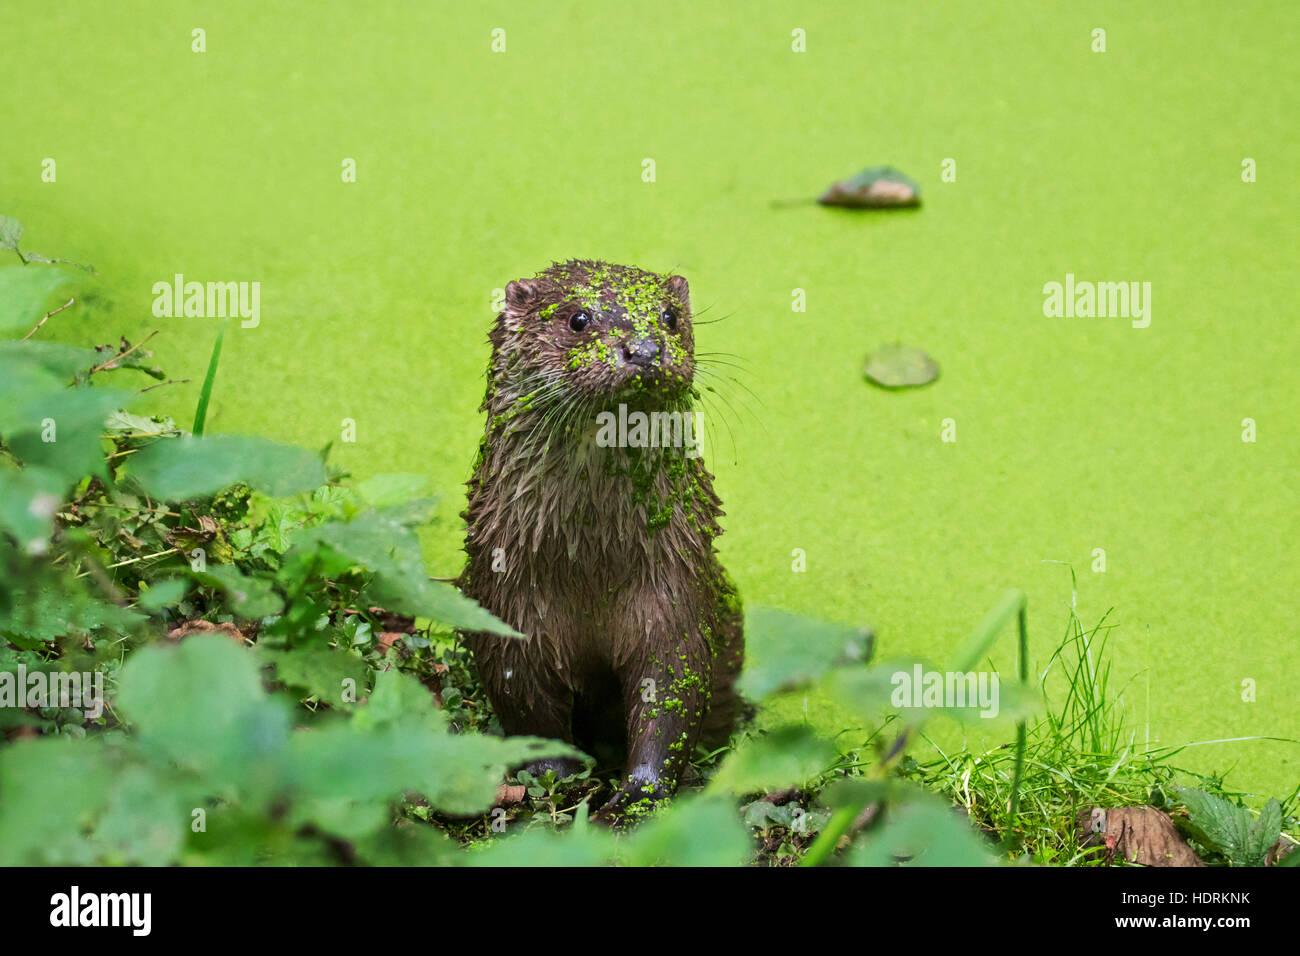 Unión de nutria (Lutra lutra) en el estanque cubierto de lenteja de agua Imagen De Stock